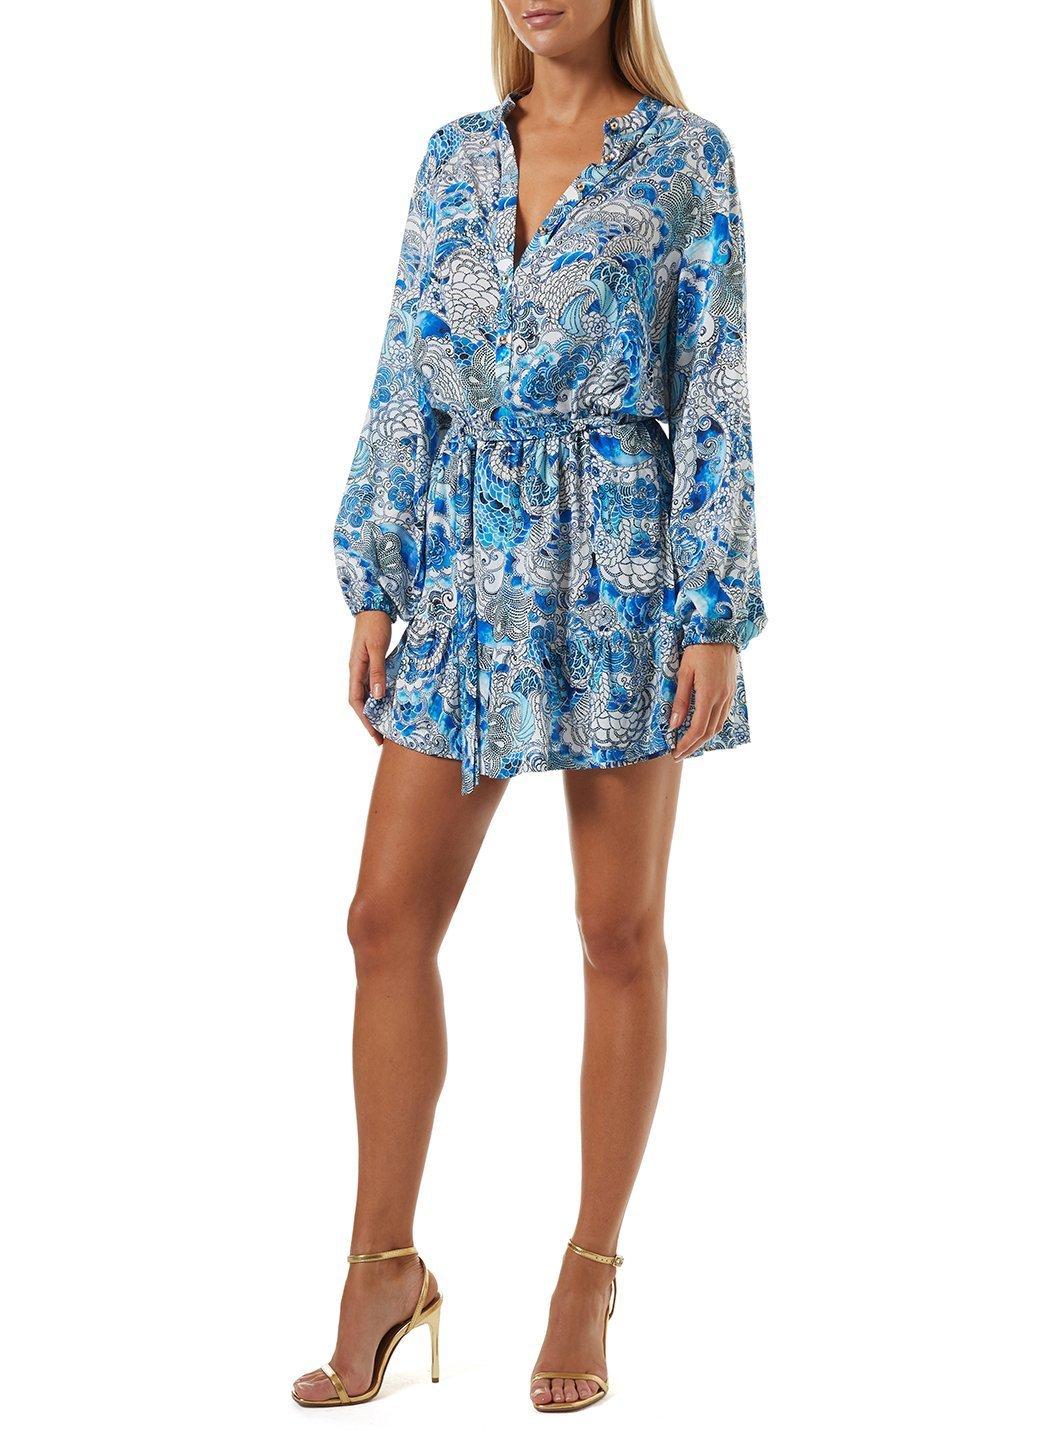 Bluebird_Fantasty_Dress_F_1056x.progressive